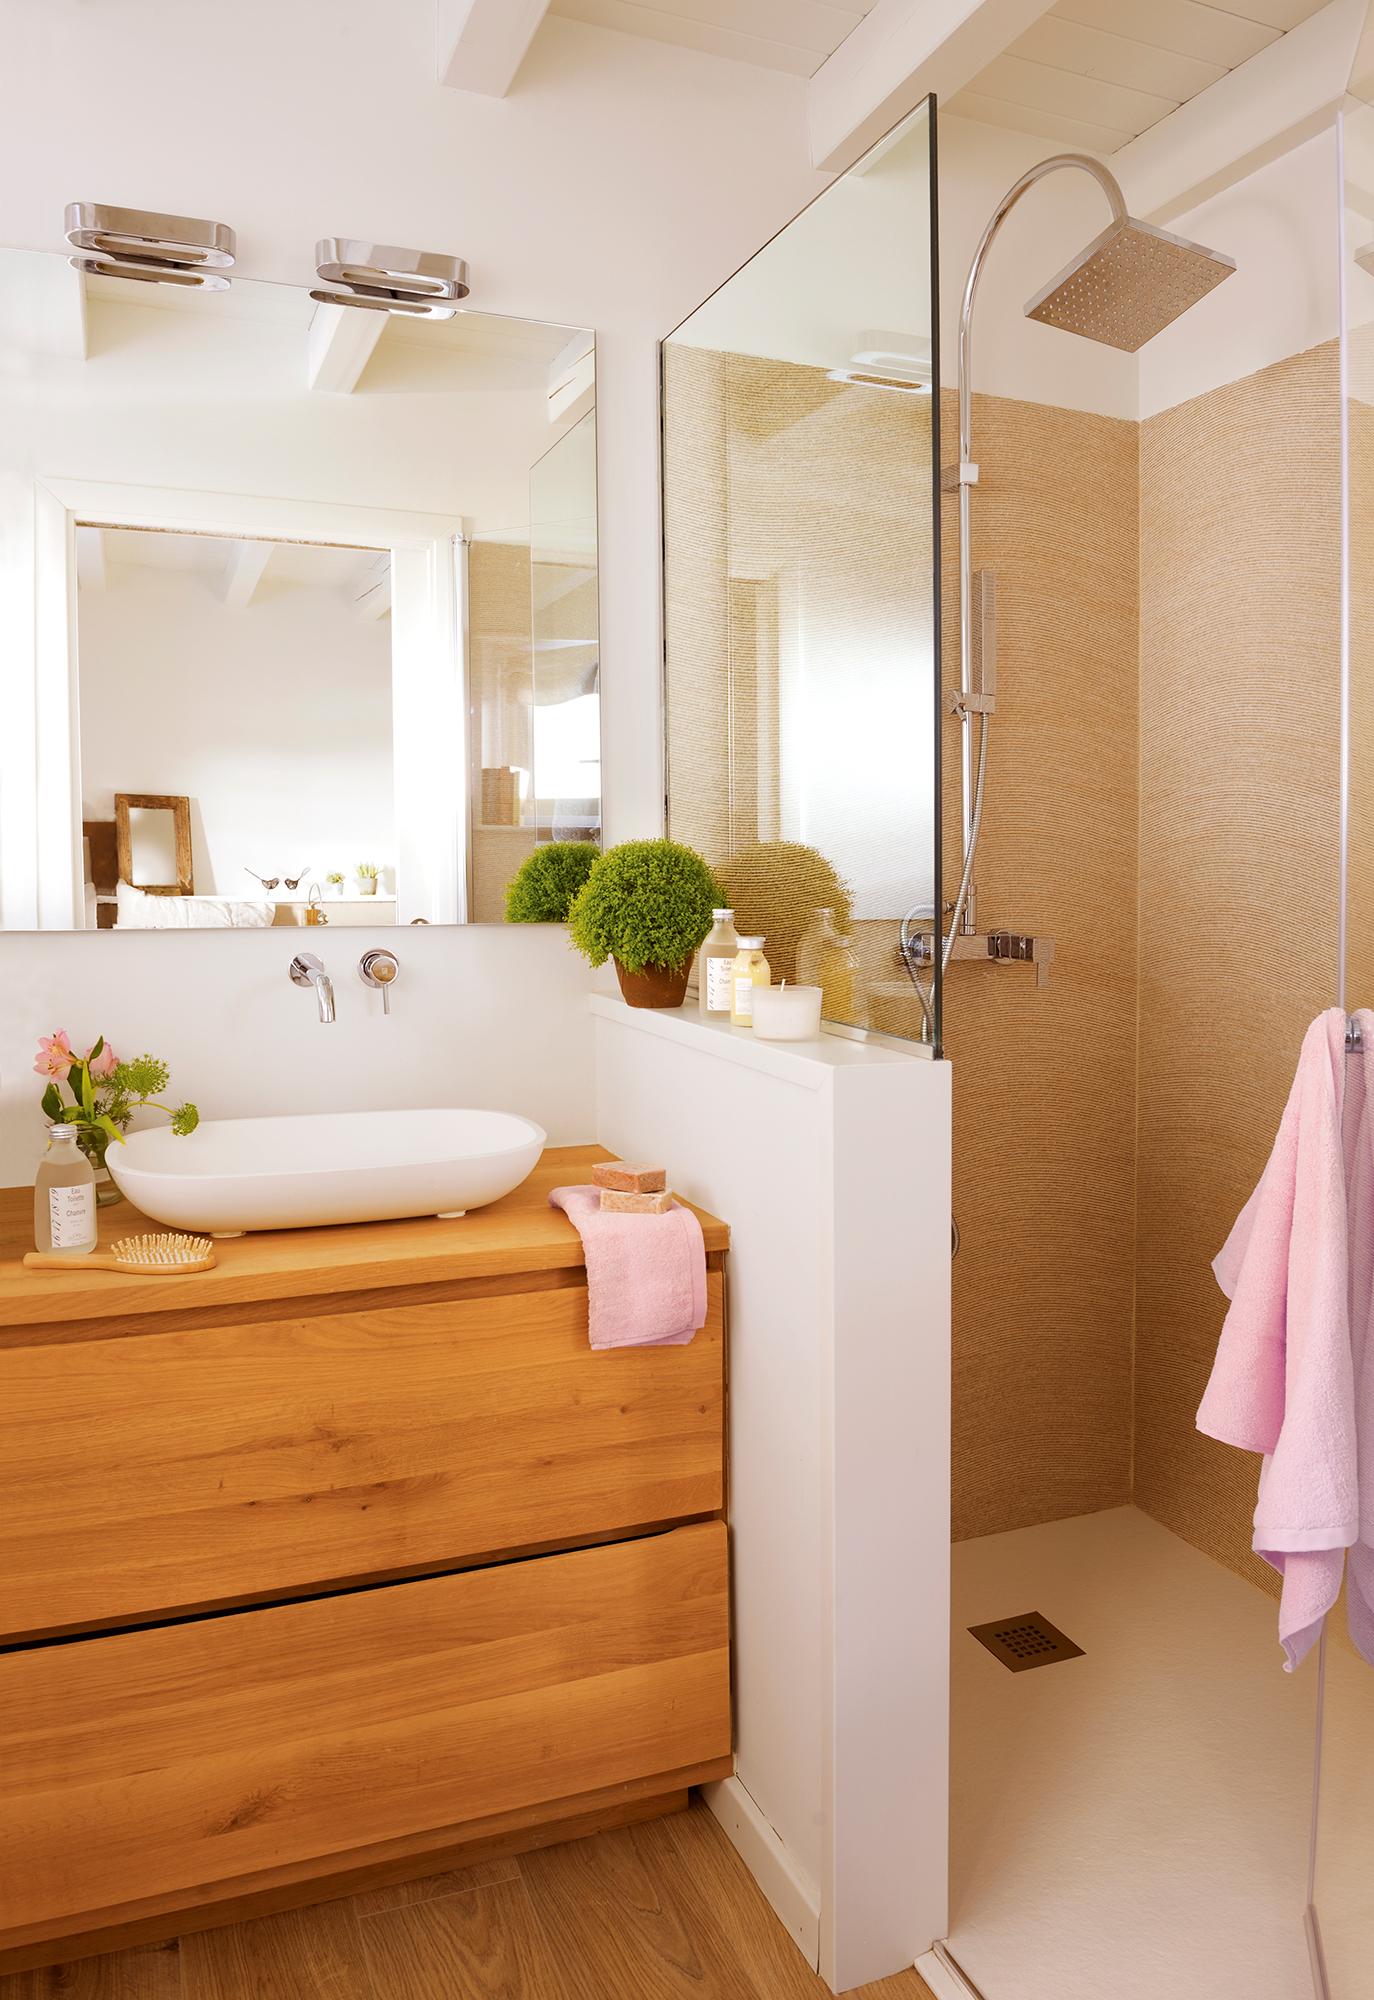 Baños Con Ducha Y Bañera   Banera O Ducha Pros Y Contras Y Claves Para Elegir